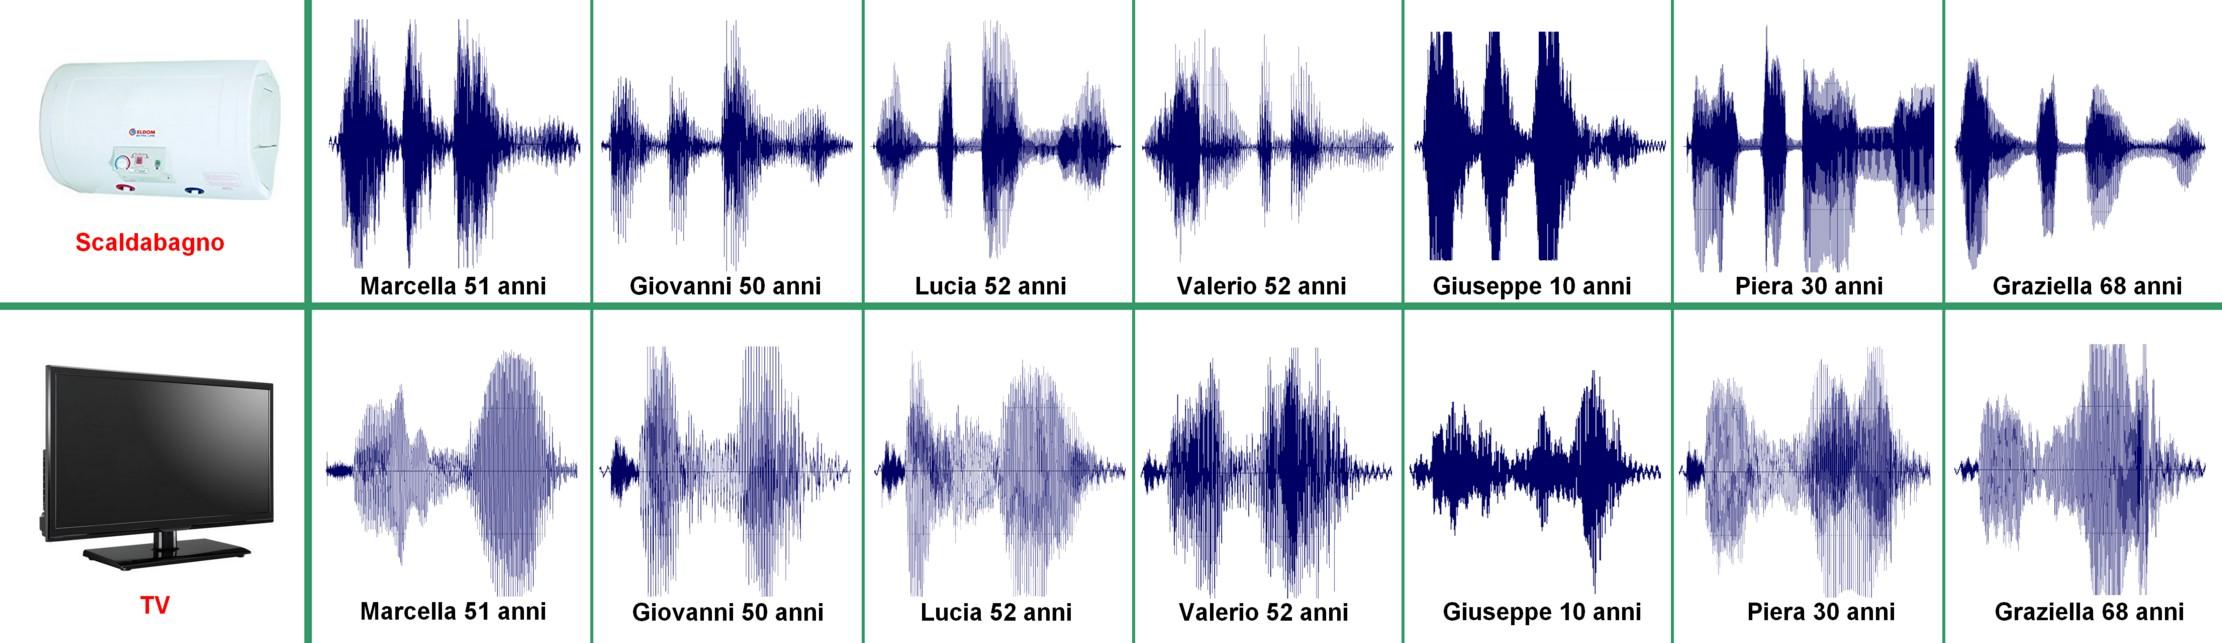 Figura 1: le forme d'onda delle parole create da soggetti diversi